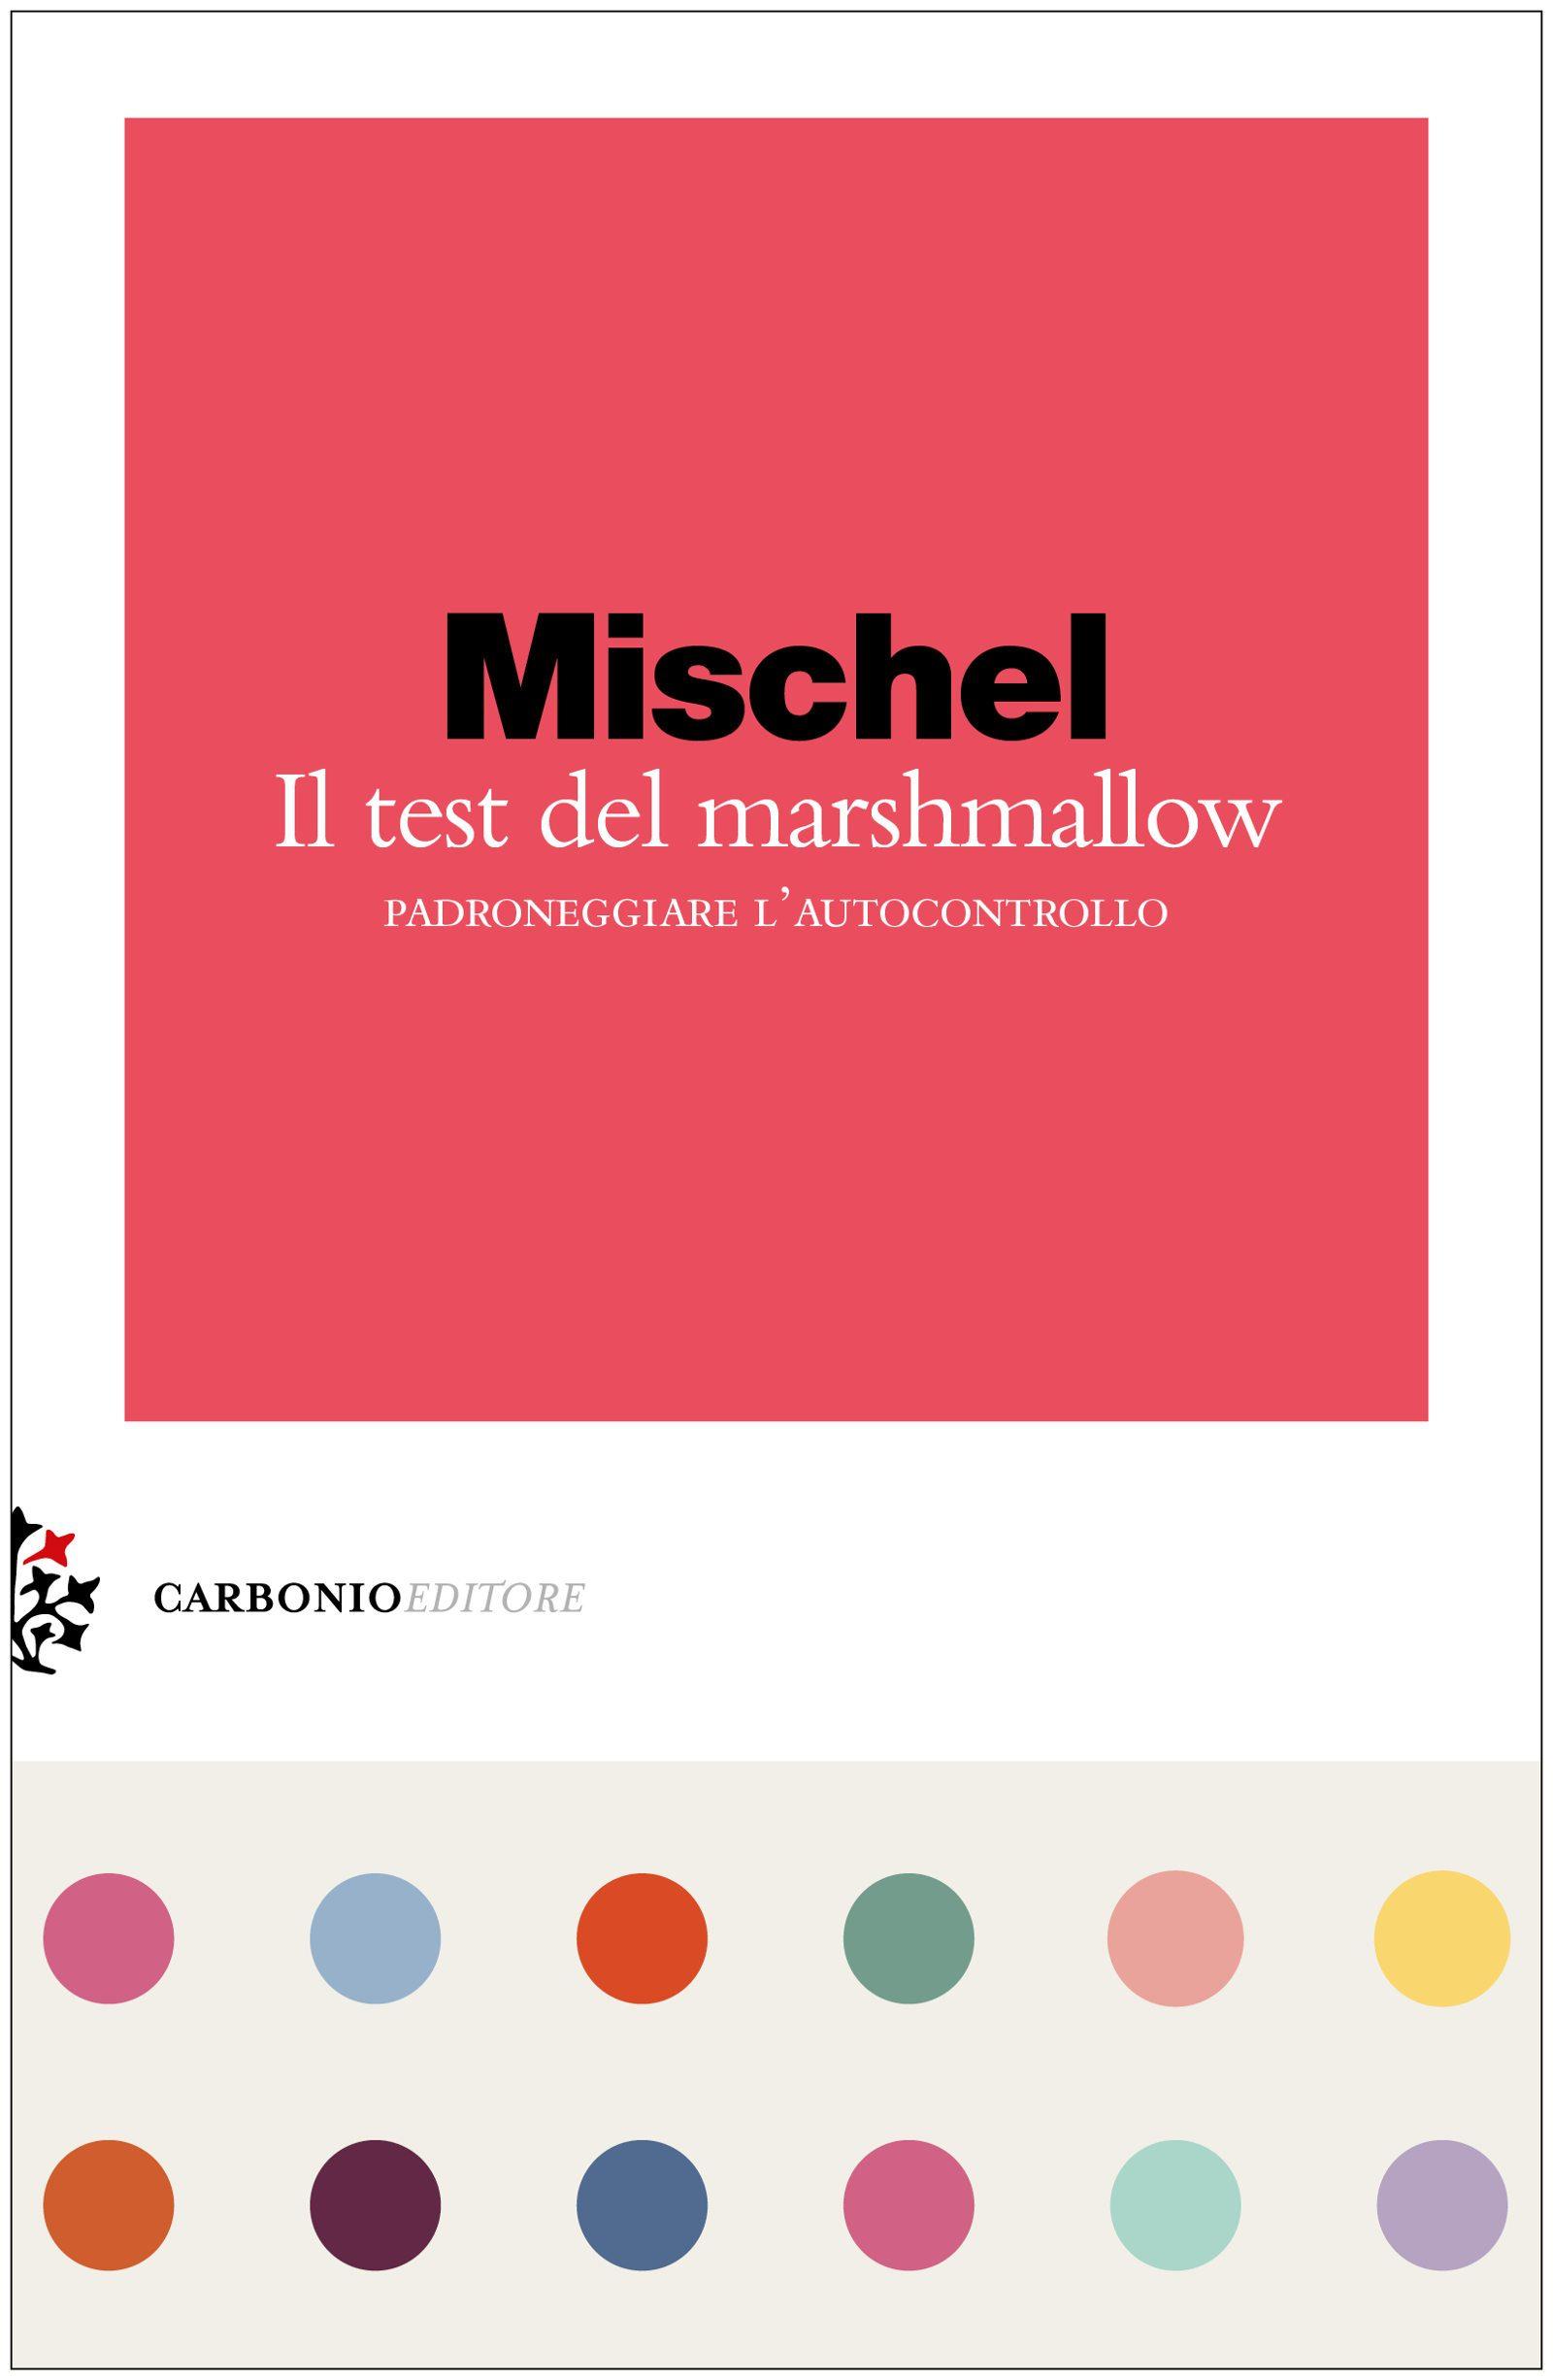 Il test del marshmallow. Padroneggiare l'autocontrollo (2019) di W. Mischel – Recensione del libro